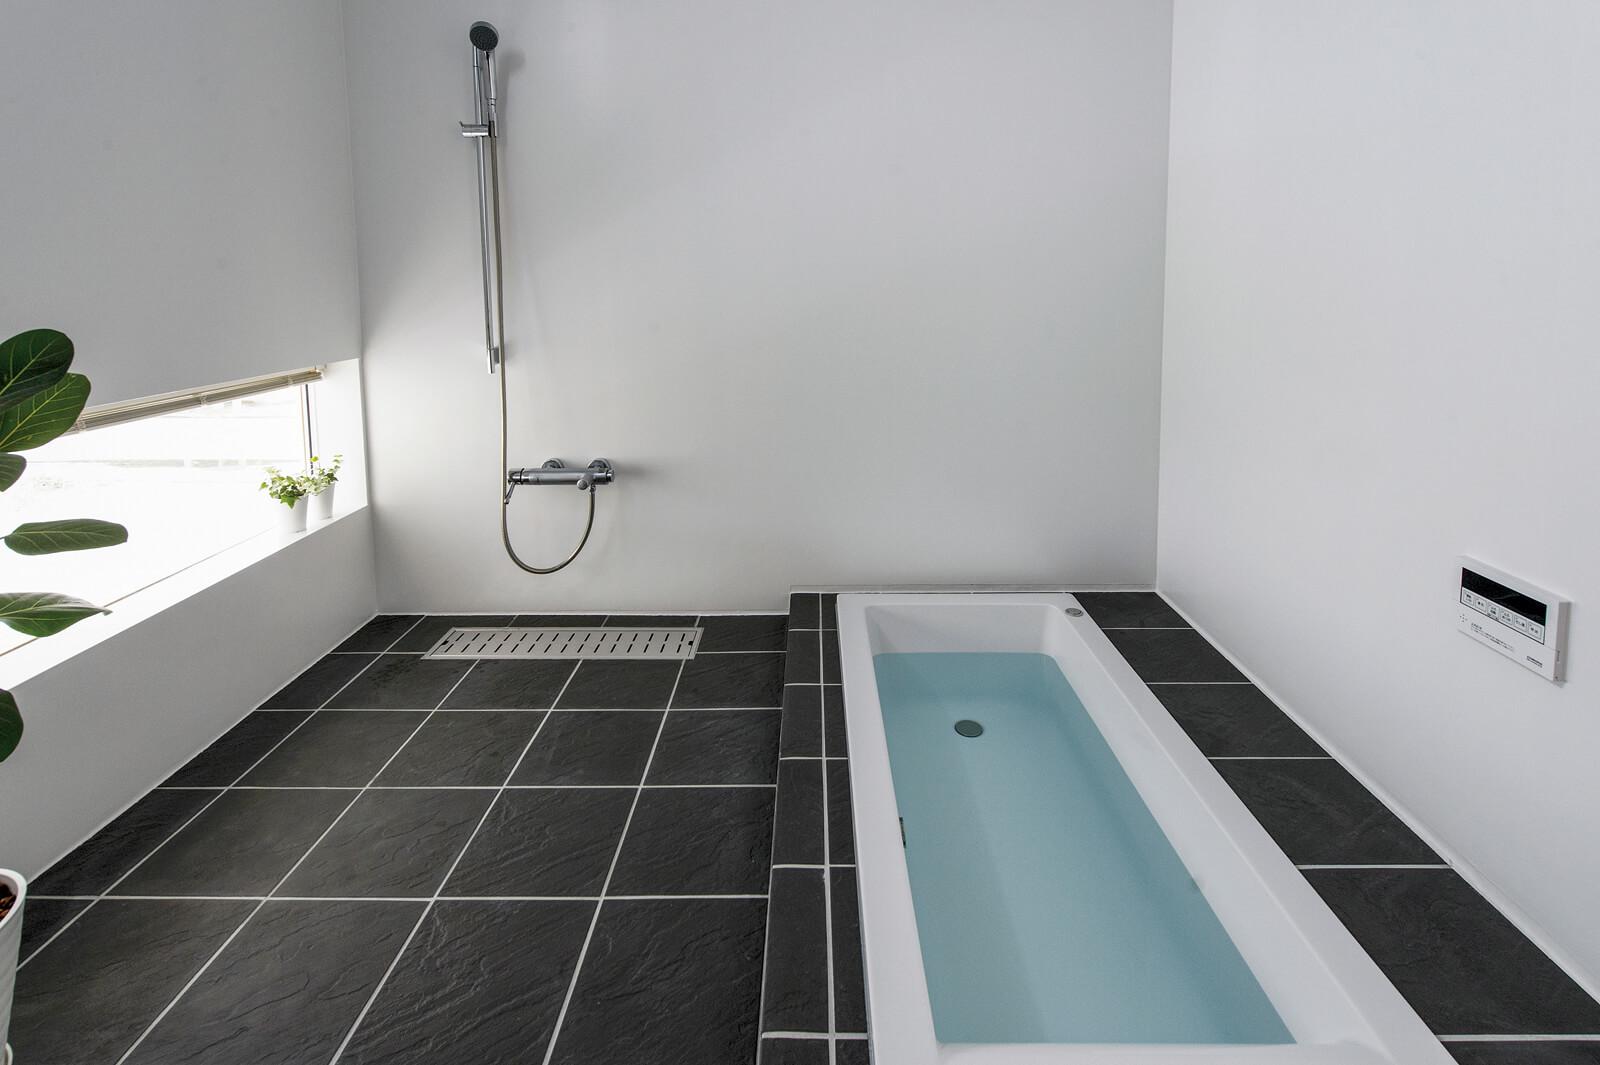 2階ロフト上のフロアは、寝室と浴室、トイレを備え、独立した空間として使用できる